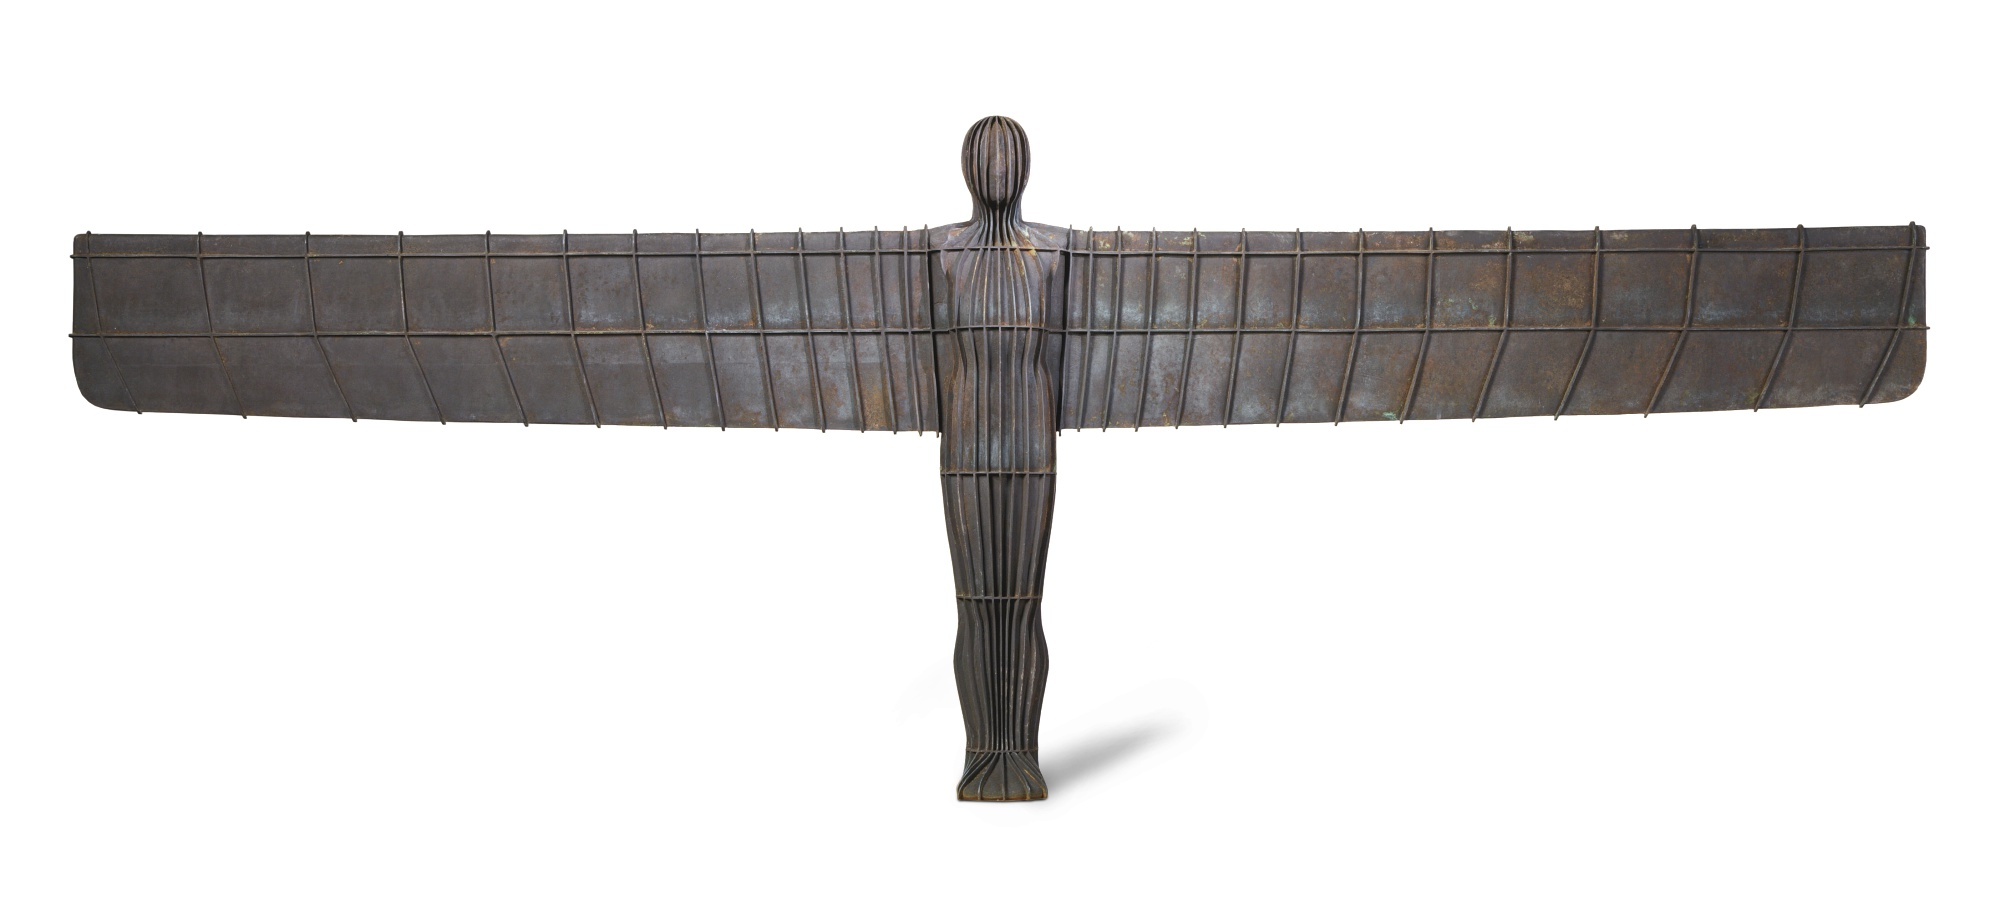 Contemporanei da Sotheby's: 109,2 mln£. Doig guida l'asta, Fontana raddoppia